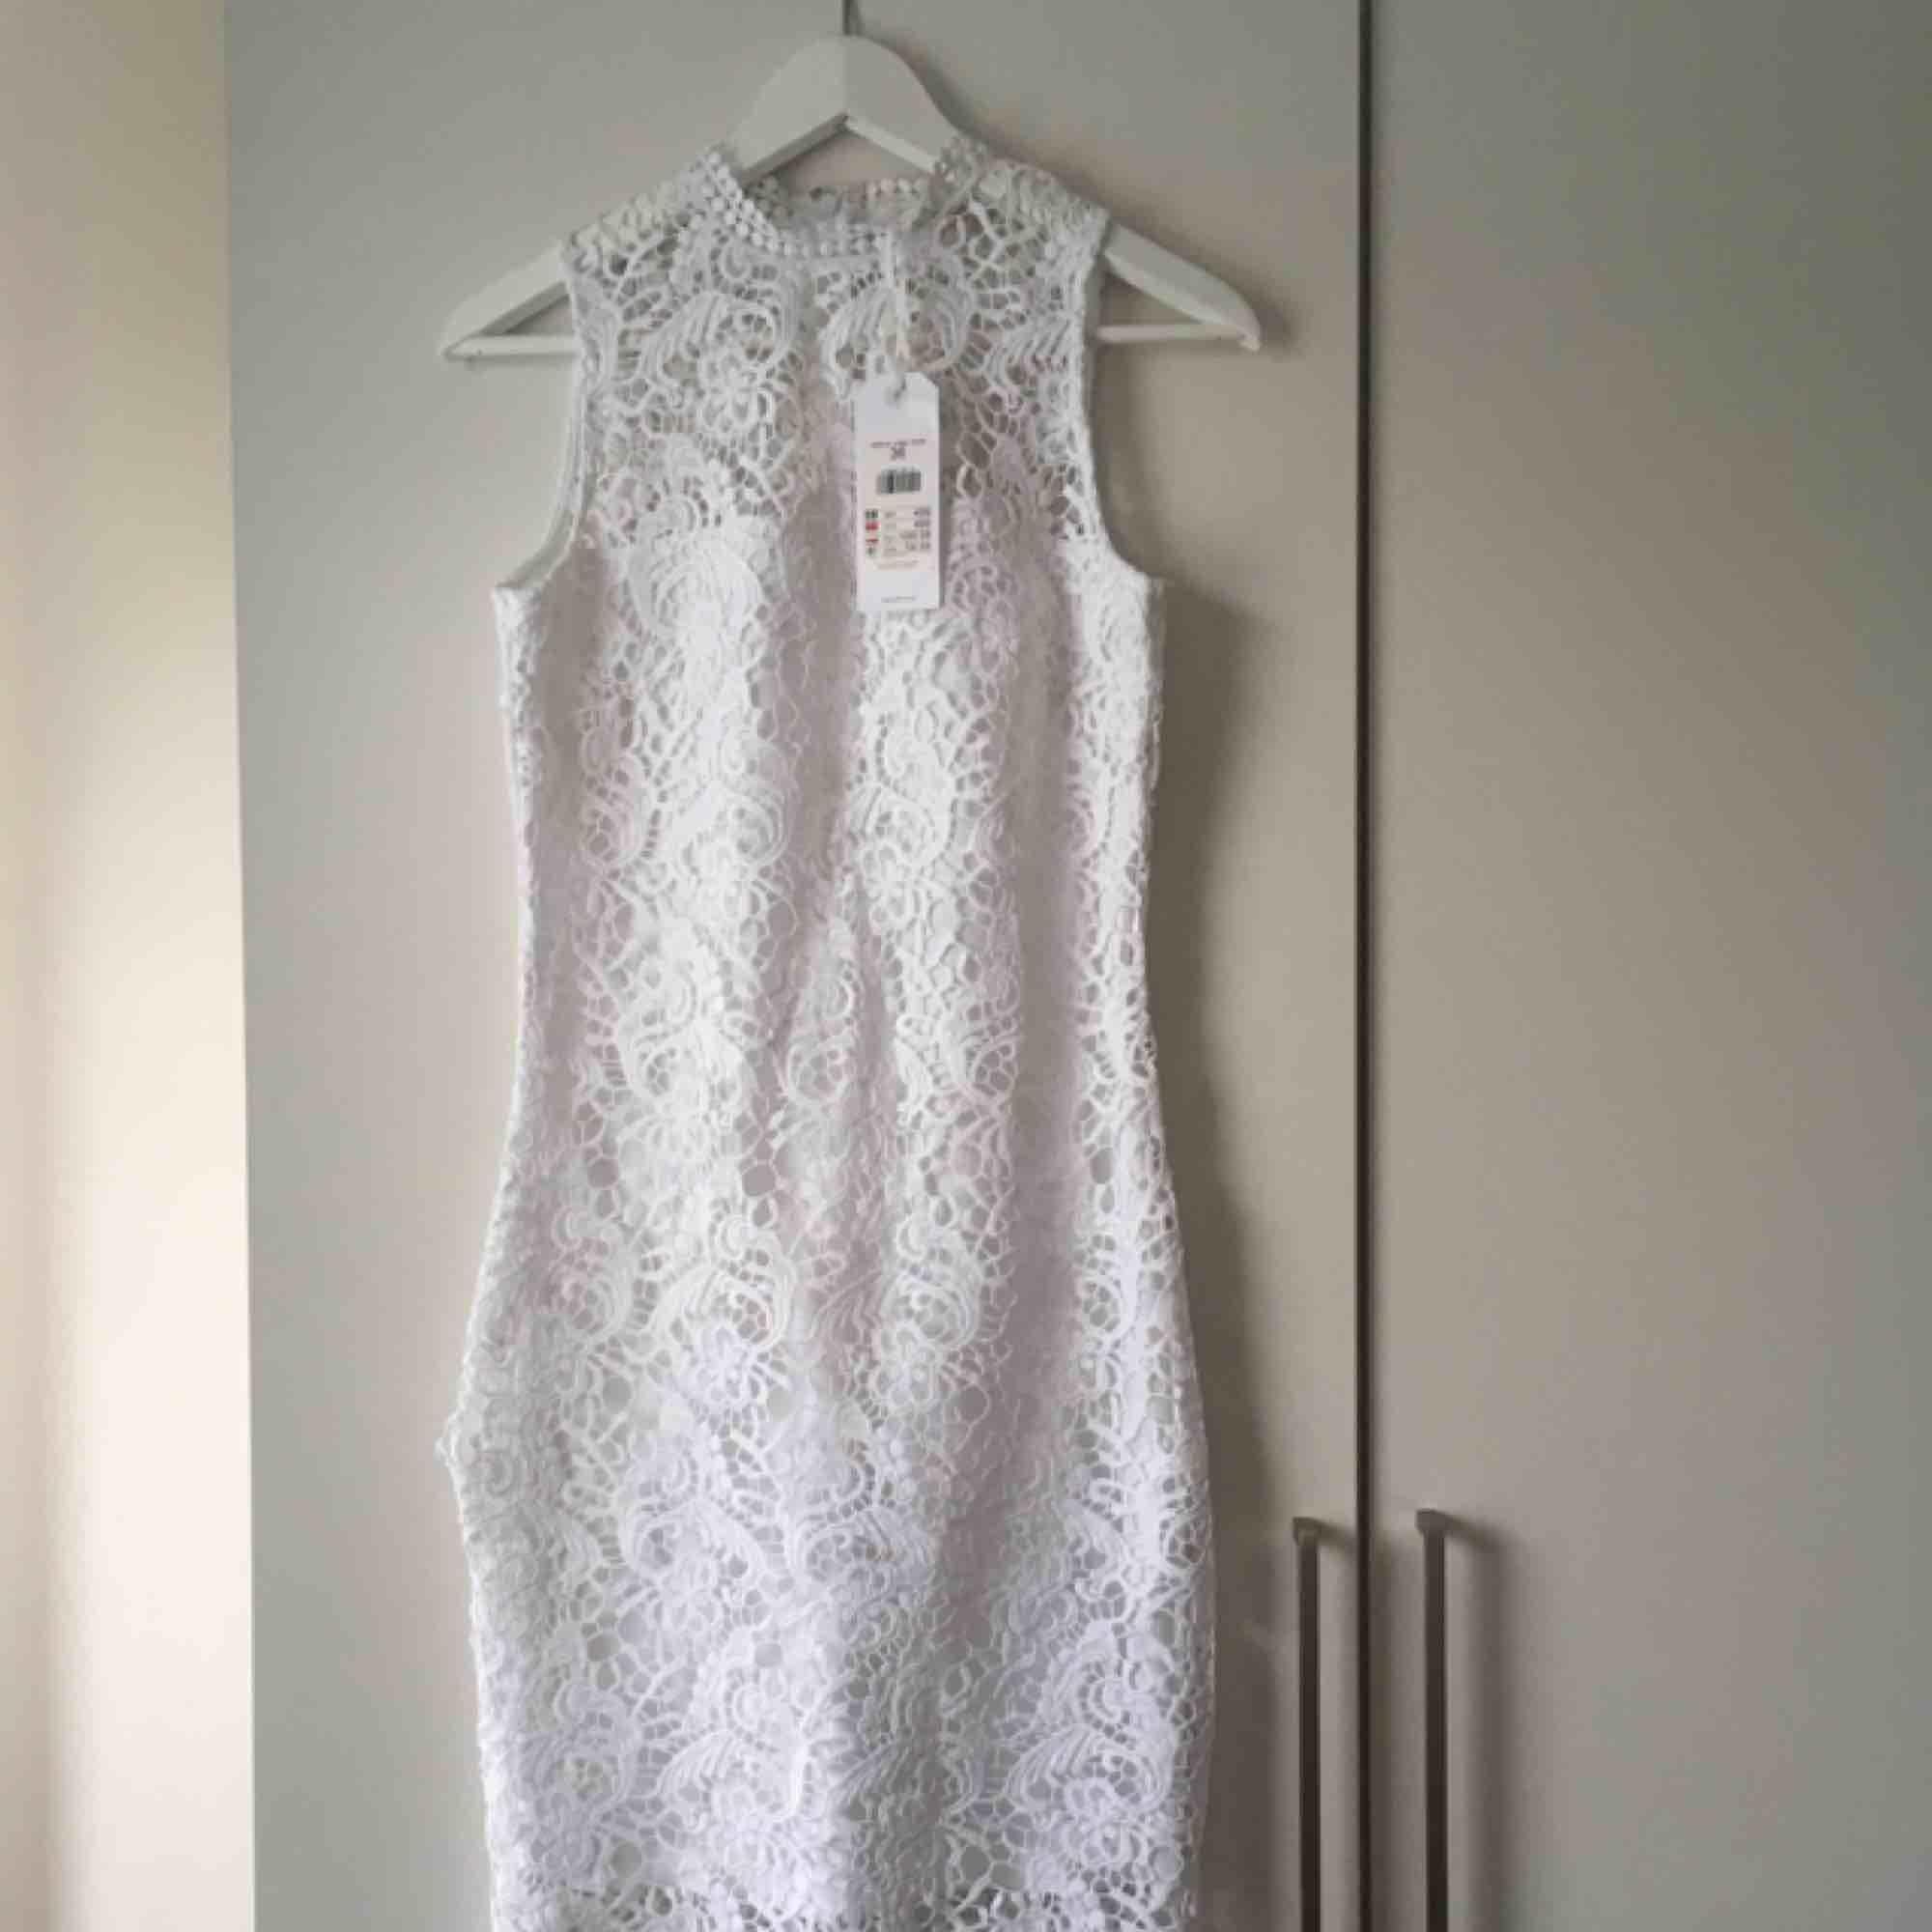 Jättefin klänning i spets som framhäver kurvorna på ett riktigt snyggt sätt! Går ner till knäna ungefär på mig som är 1,60.  Ett impulsköp så prislapparna är kvar. 🤩 Pris kan diskuteras. . Klänningar.